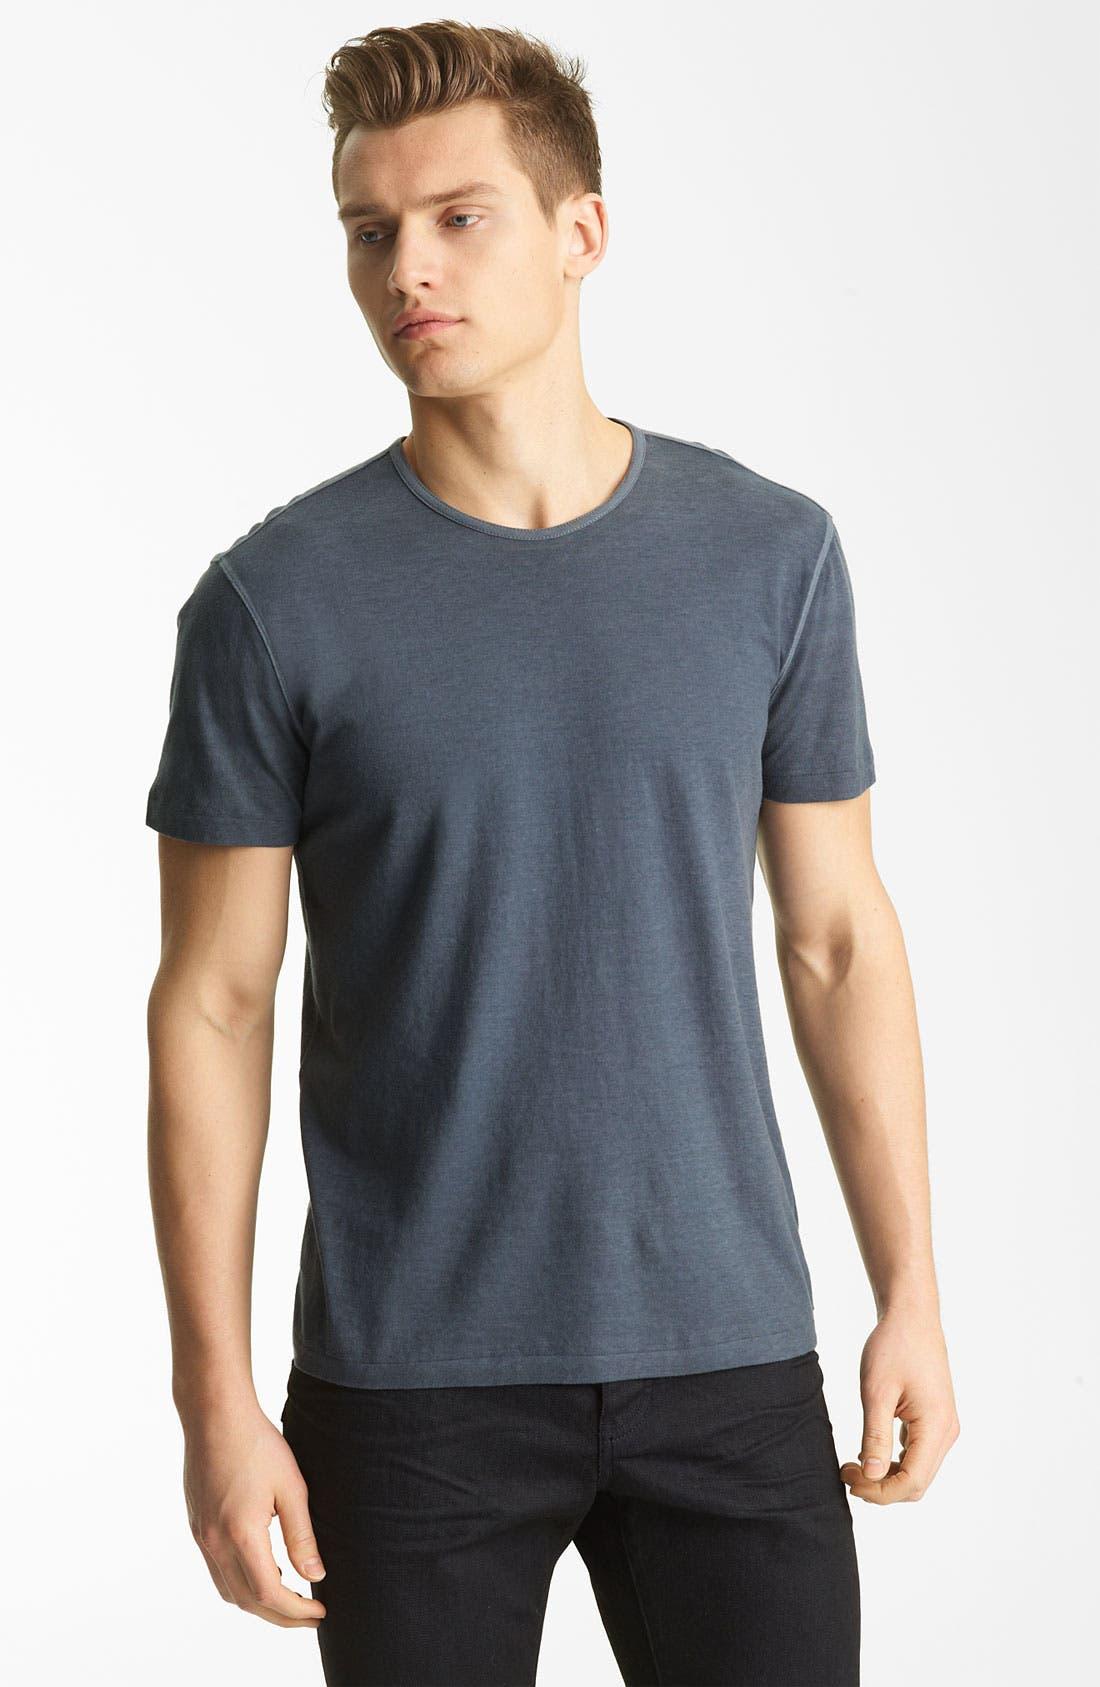 Alternate Image 1 Selected - John Varvatos Collection Crewneck T-Shirt